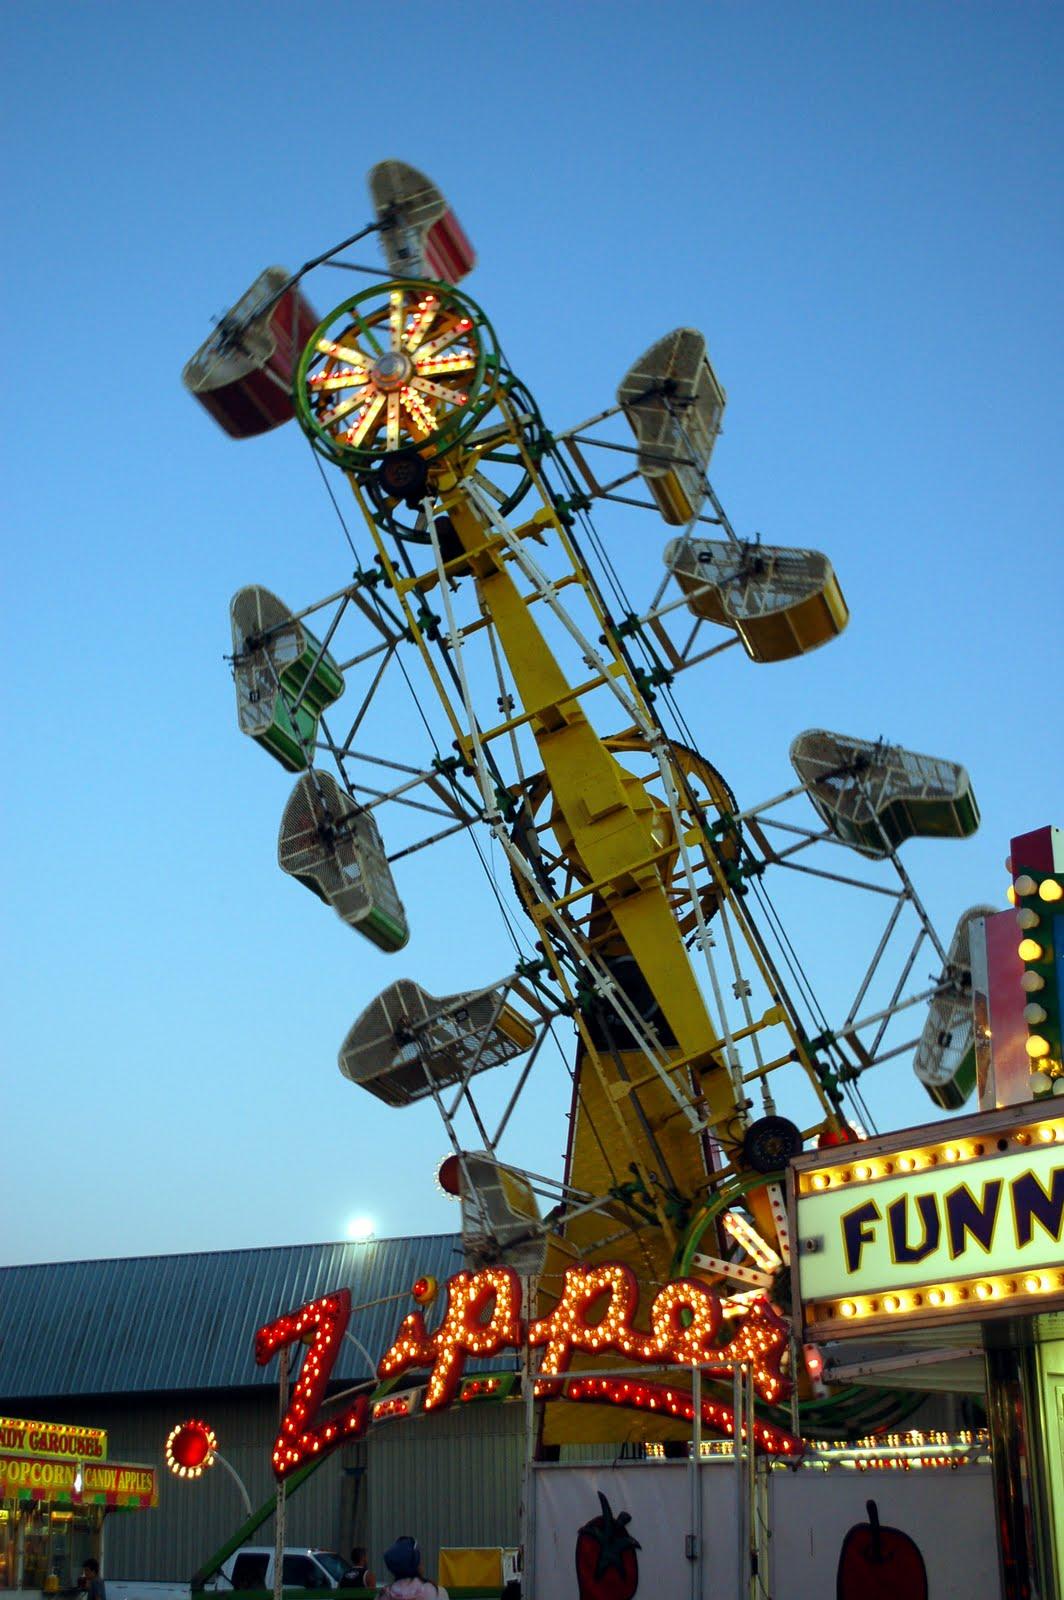 The Fair Carnival Rides